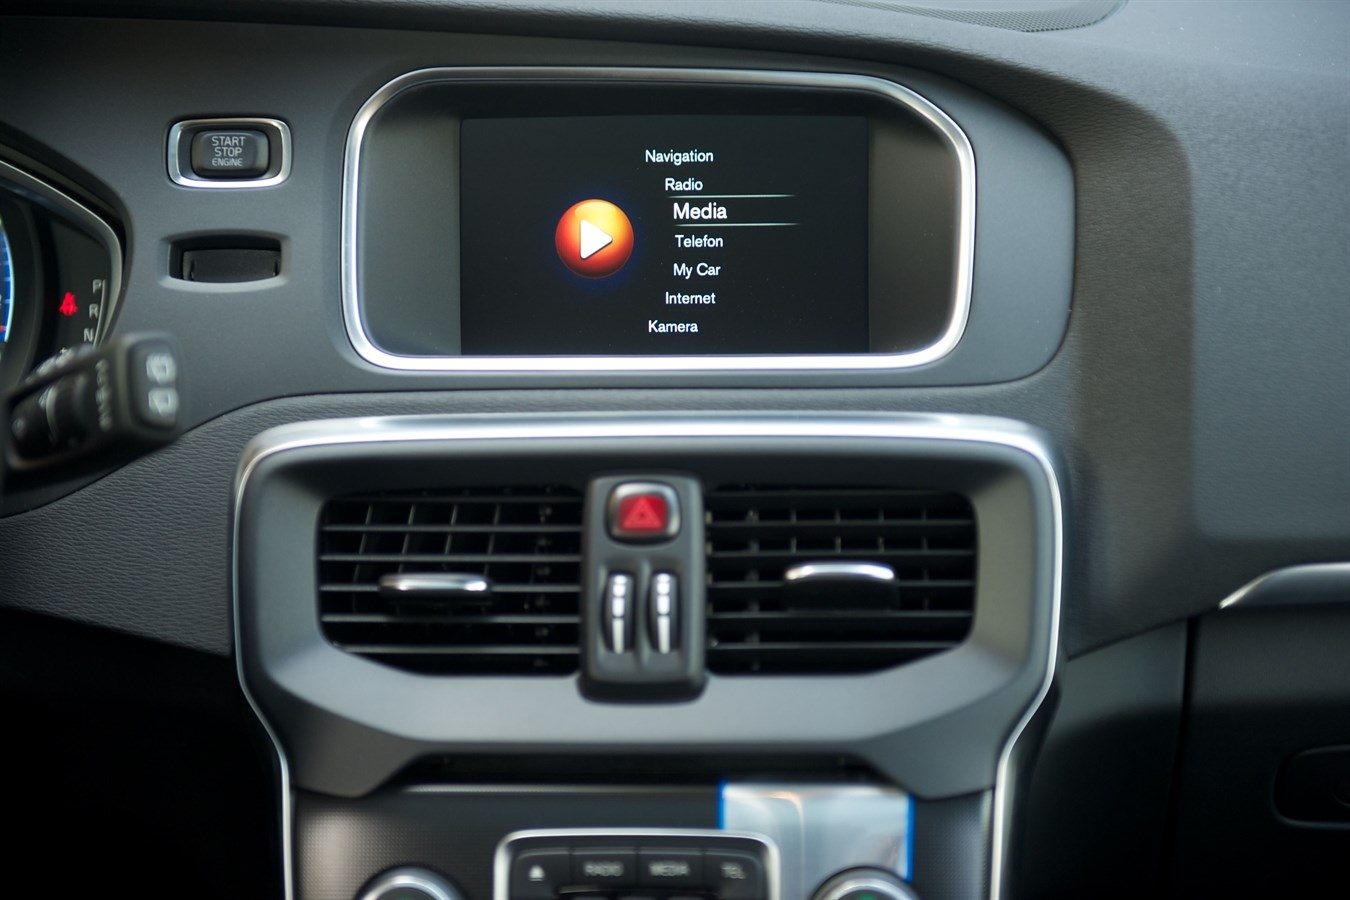 Volvo Xc90 Commercial >> Volvo V40 - interior - Volvo Car Group Global Media Newsroom